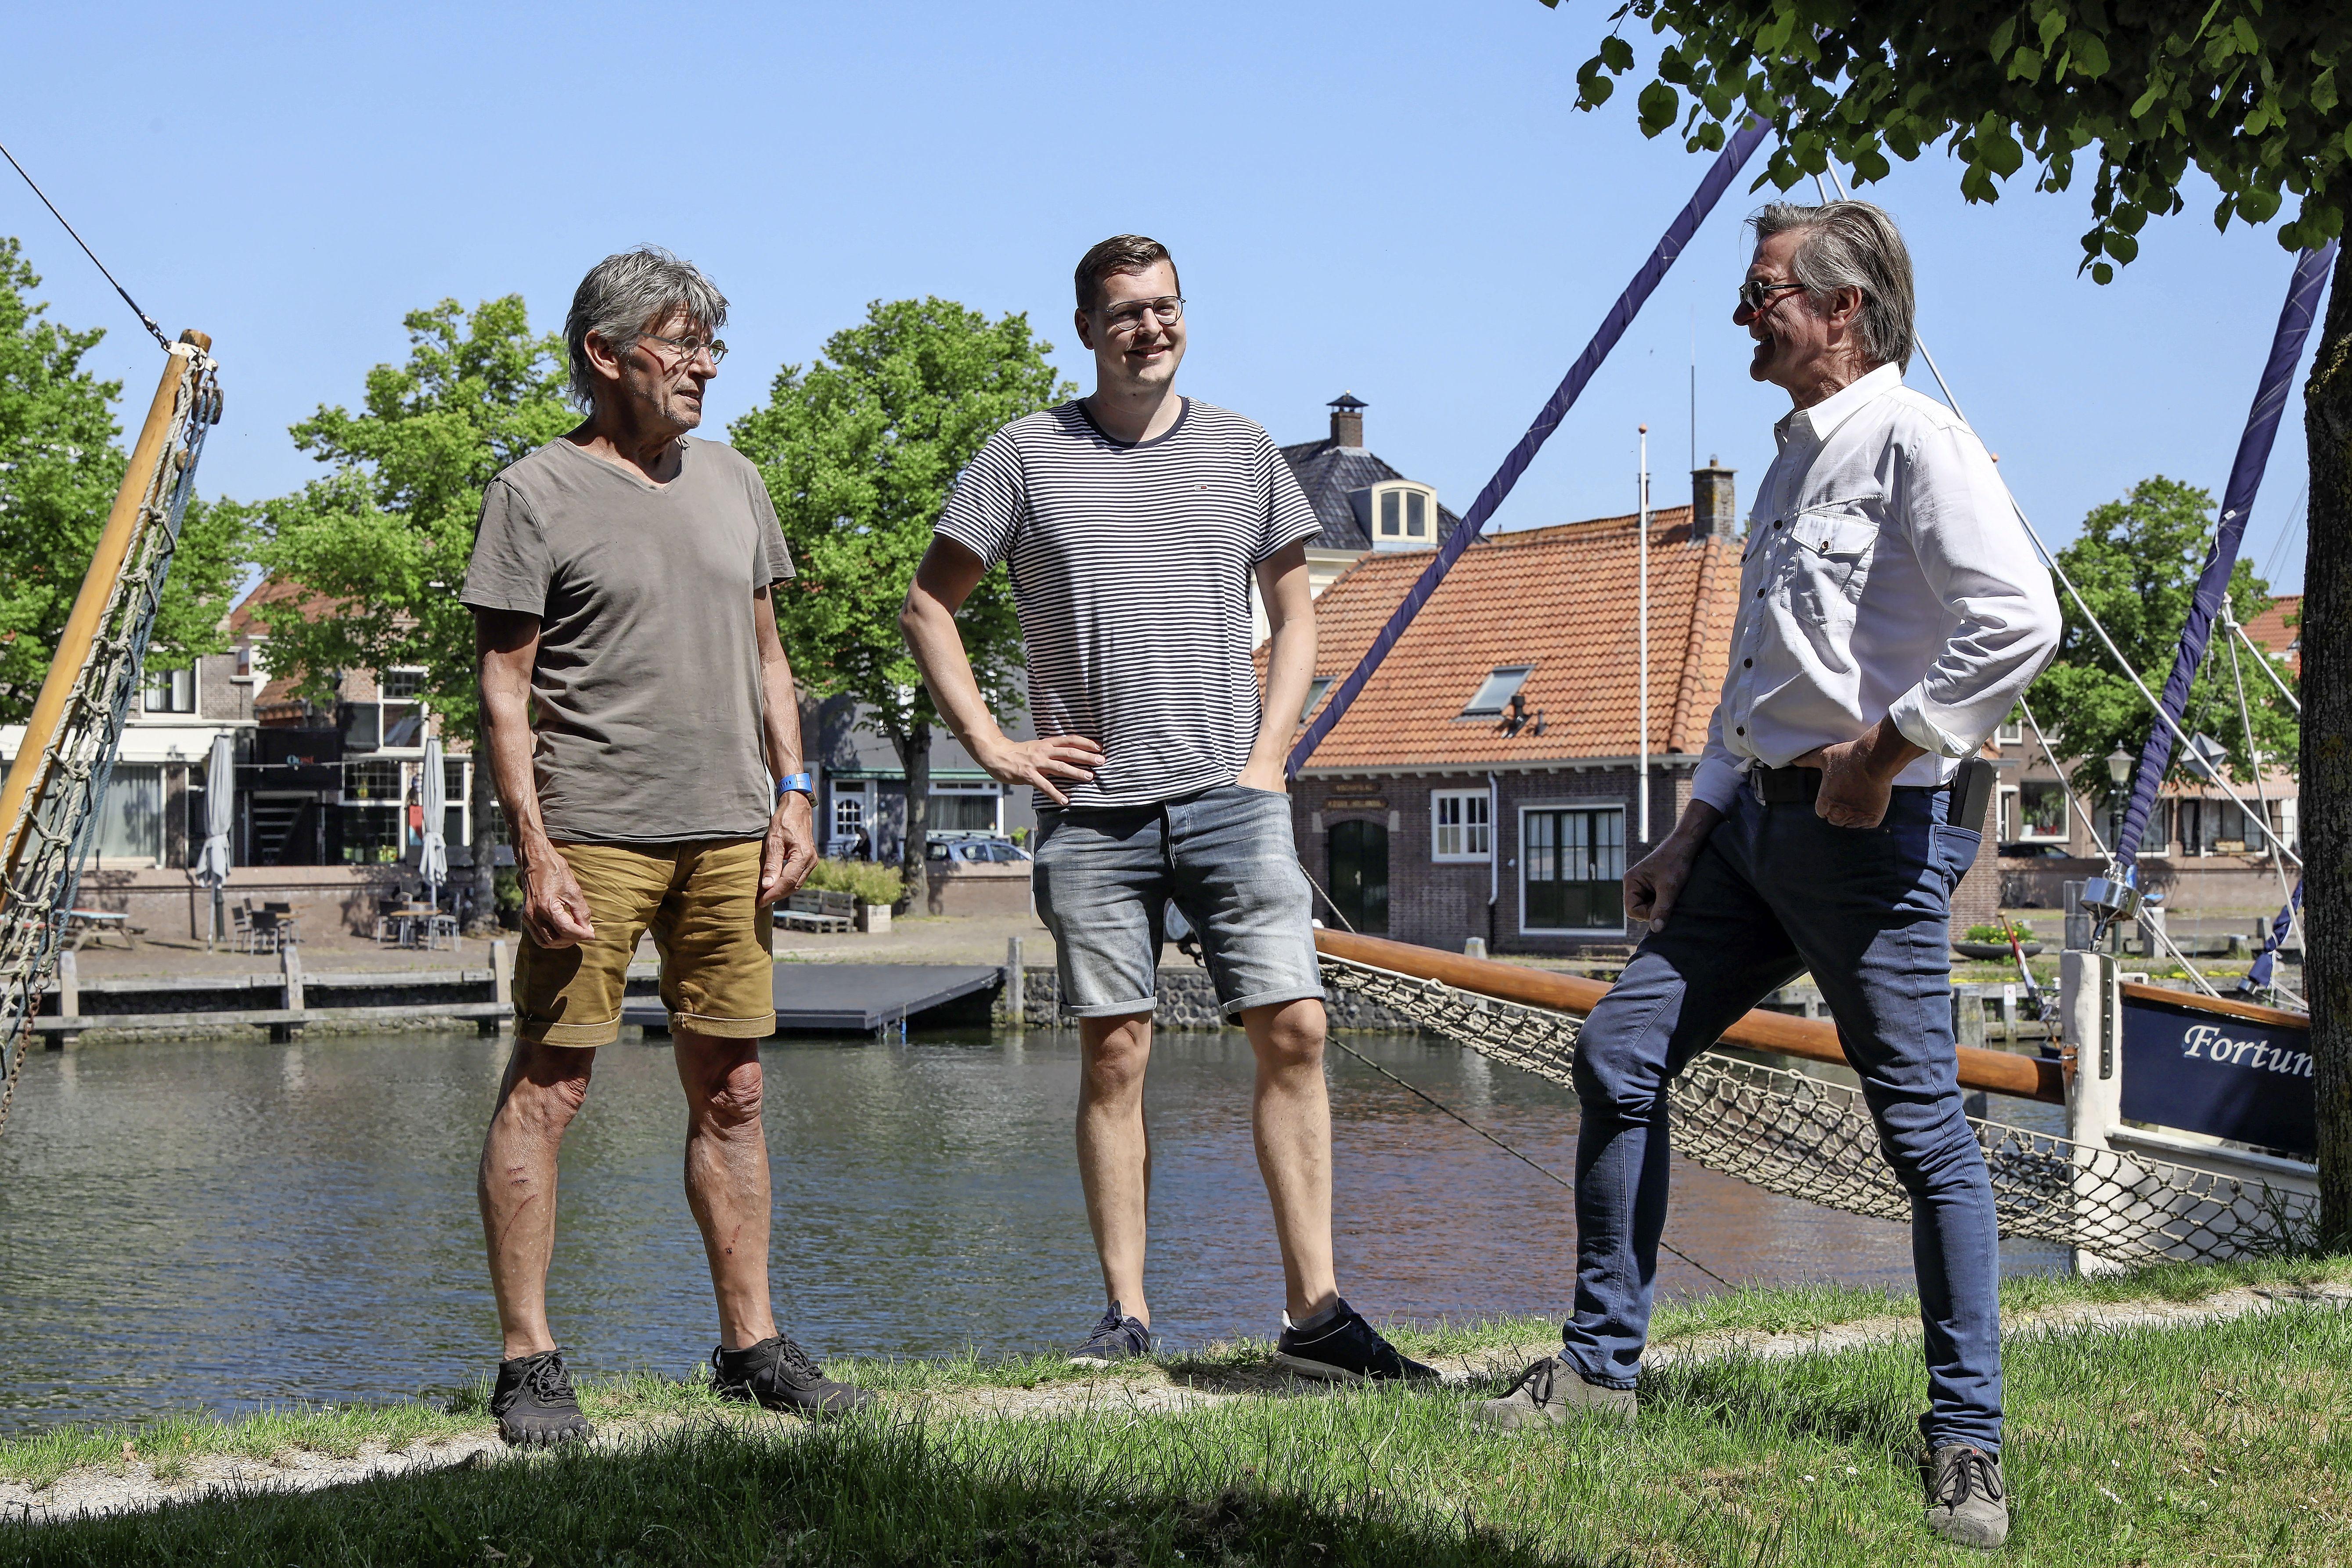 PvdA, PWF en PW2010 gaan samen verder en zetten met het nieuwe 'Morgen!' meteen hoog in. 'We willen de grootste partij van Medemblik worden'